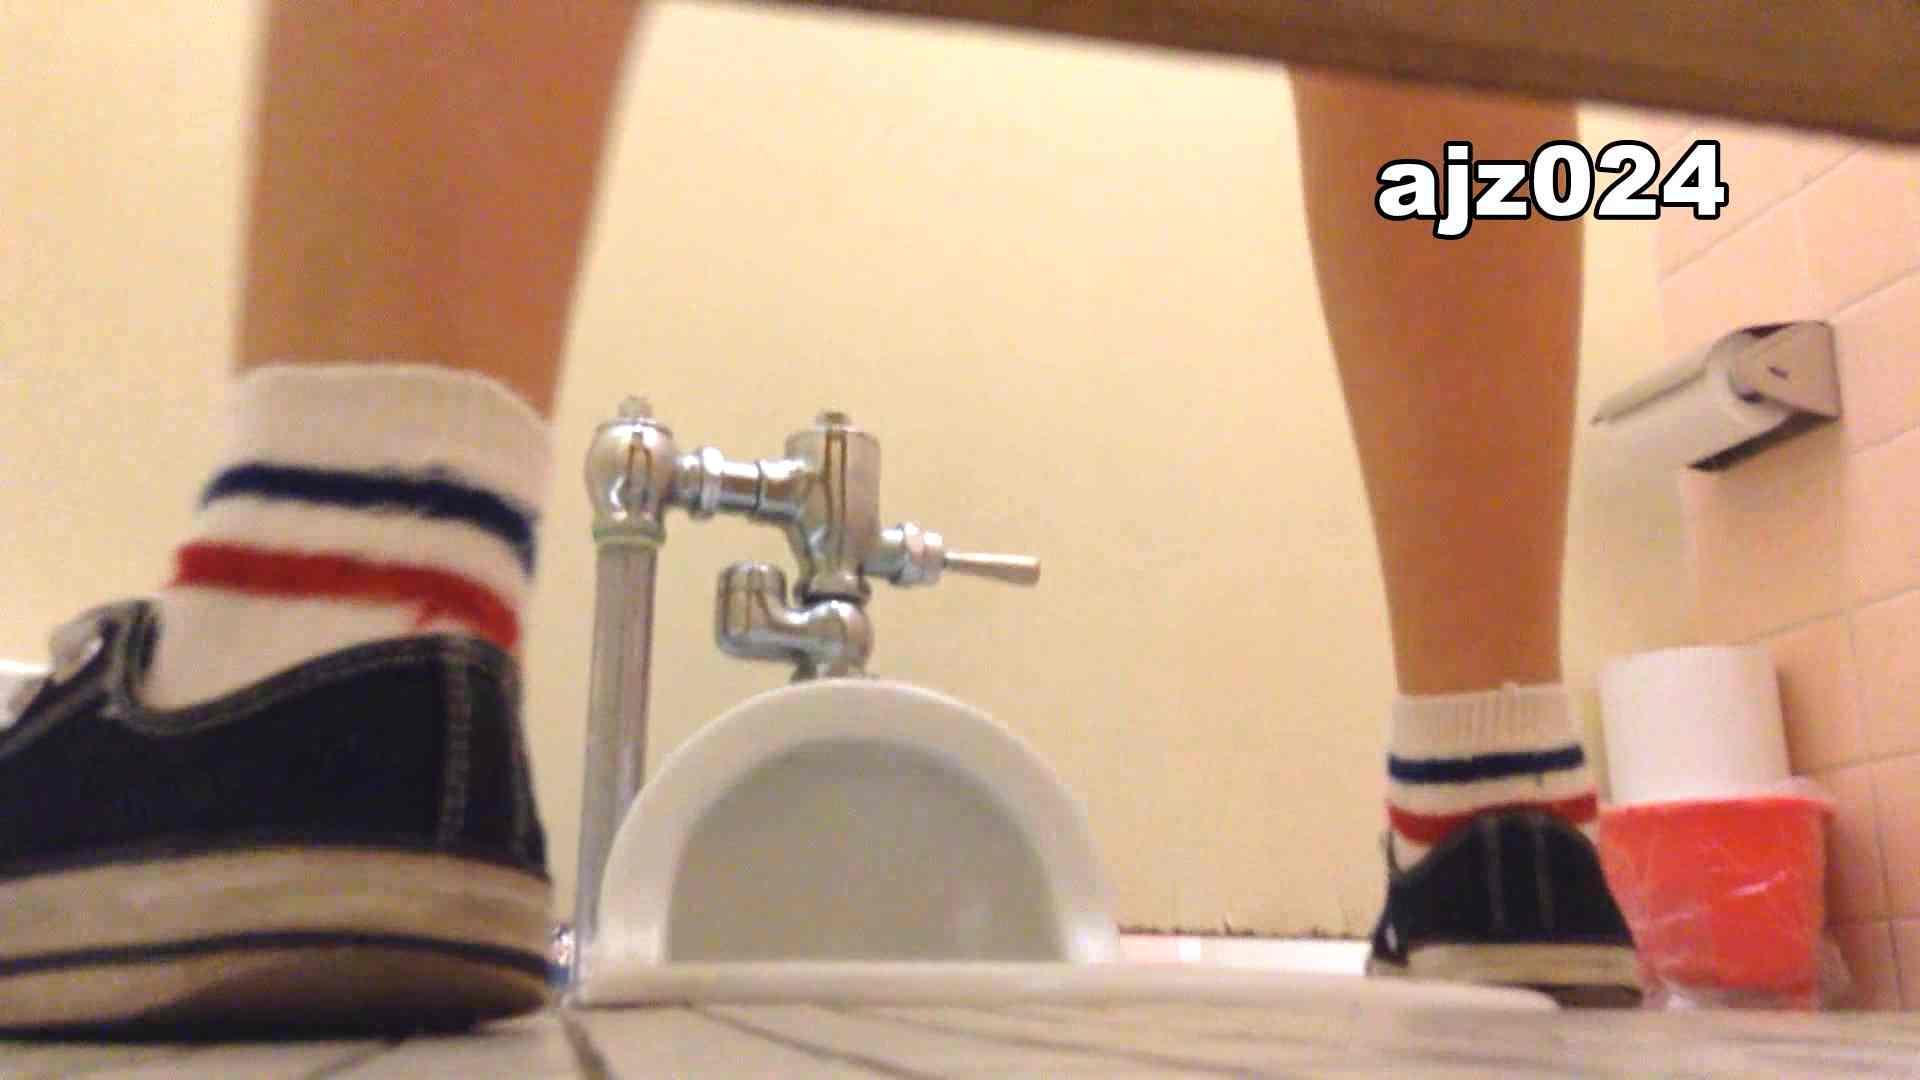 某有名大学女性洗面所 vol.24 OLのボディ AV無料動画キャプチャ 56PIX 15